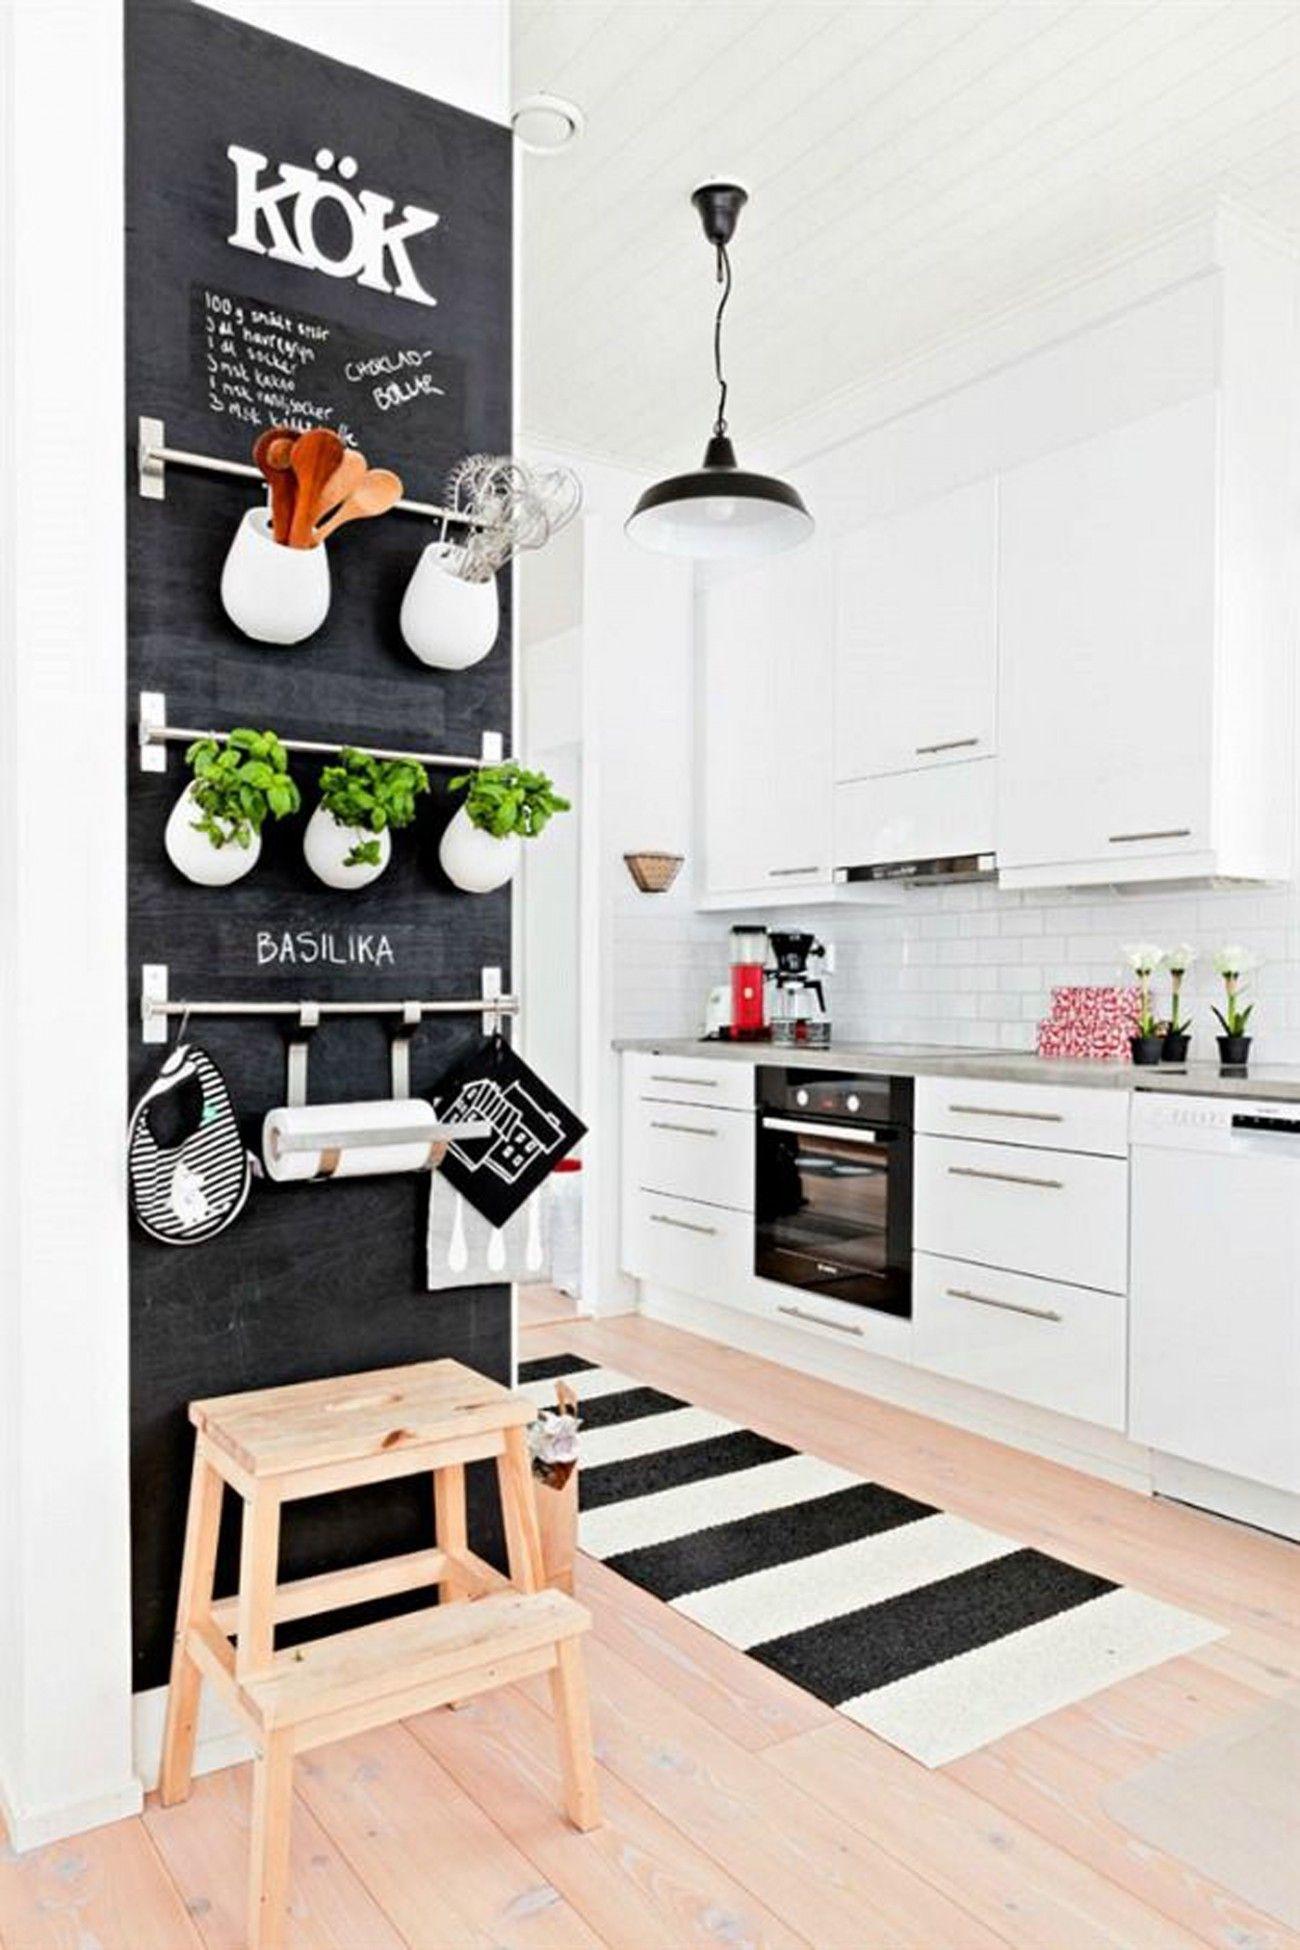 Noch so eine coole Tafel-Wand in der Küche | Deko